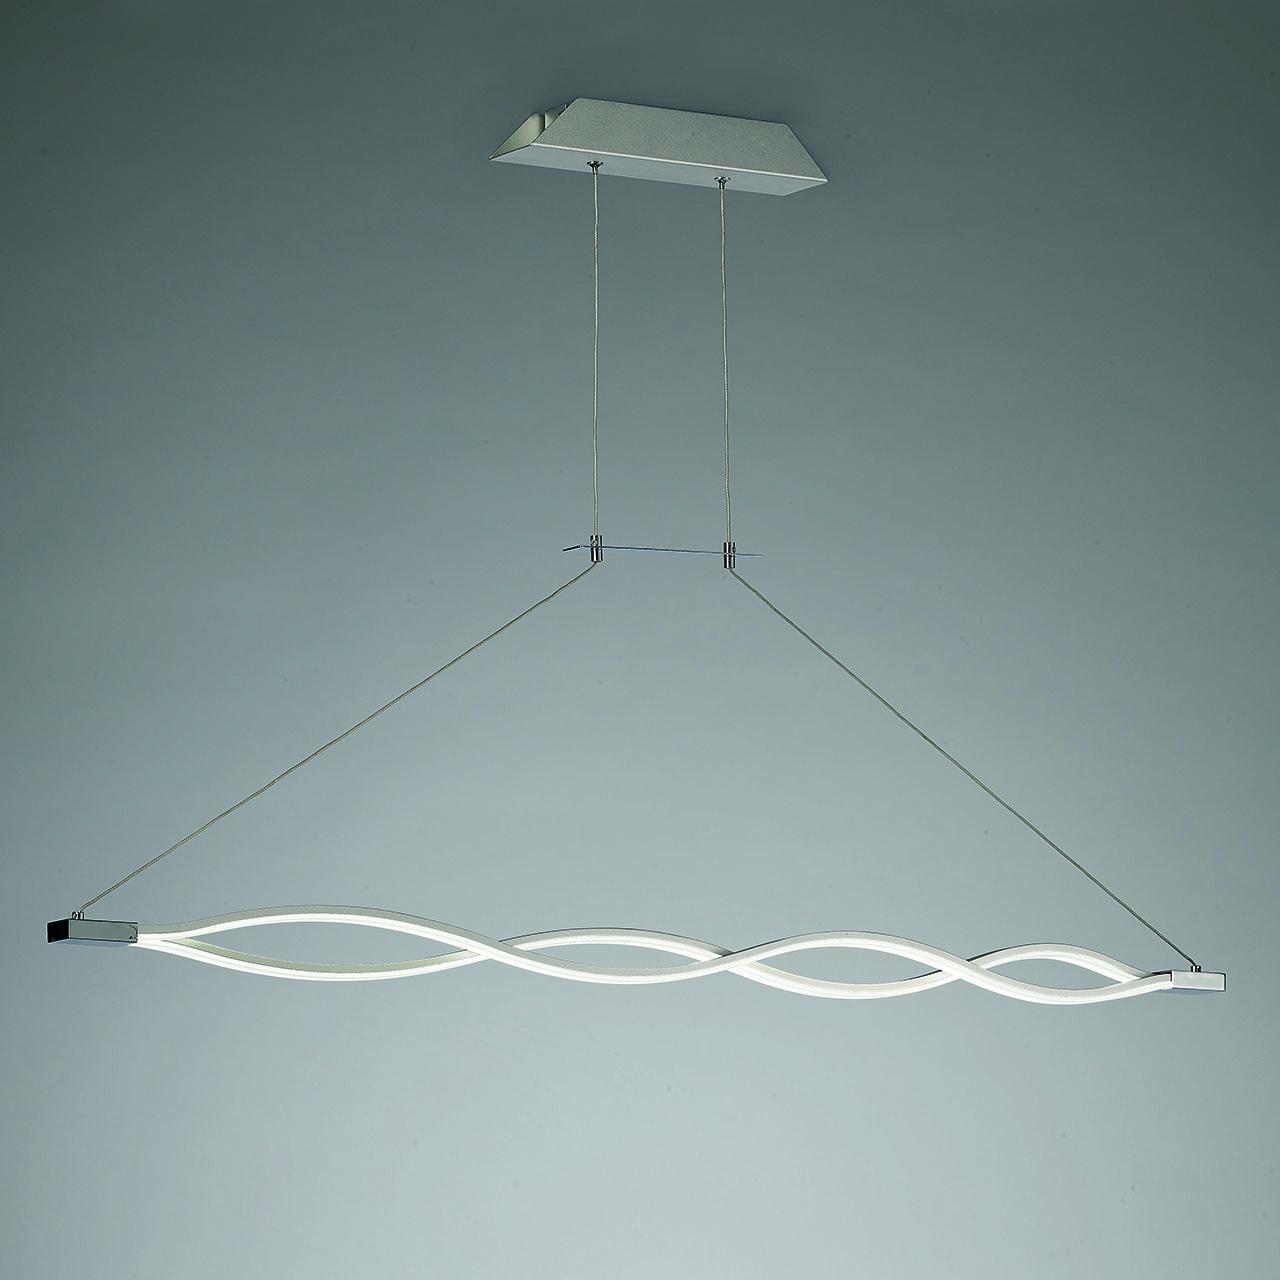 Подвесной светодиодный светильник Mantra Sahara 4865 светильник подвесной mantra sahara 4865